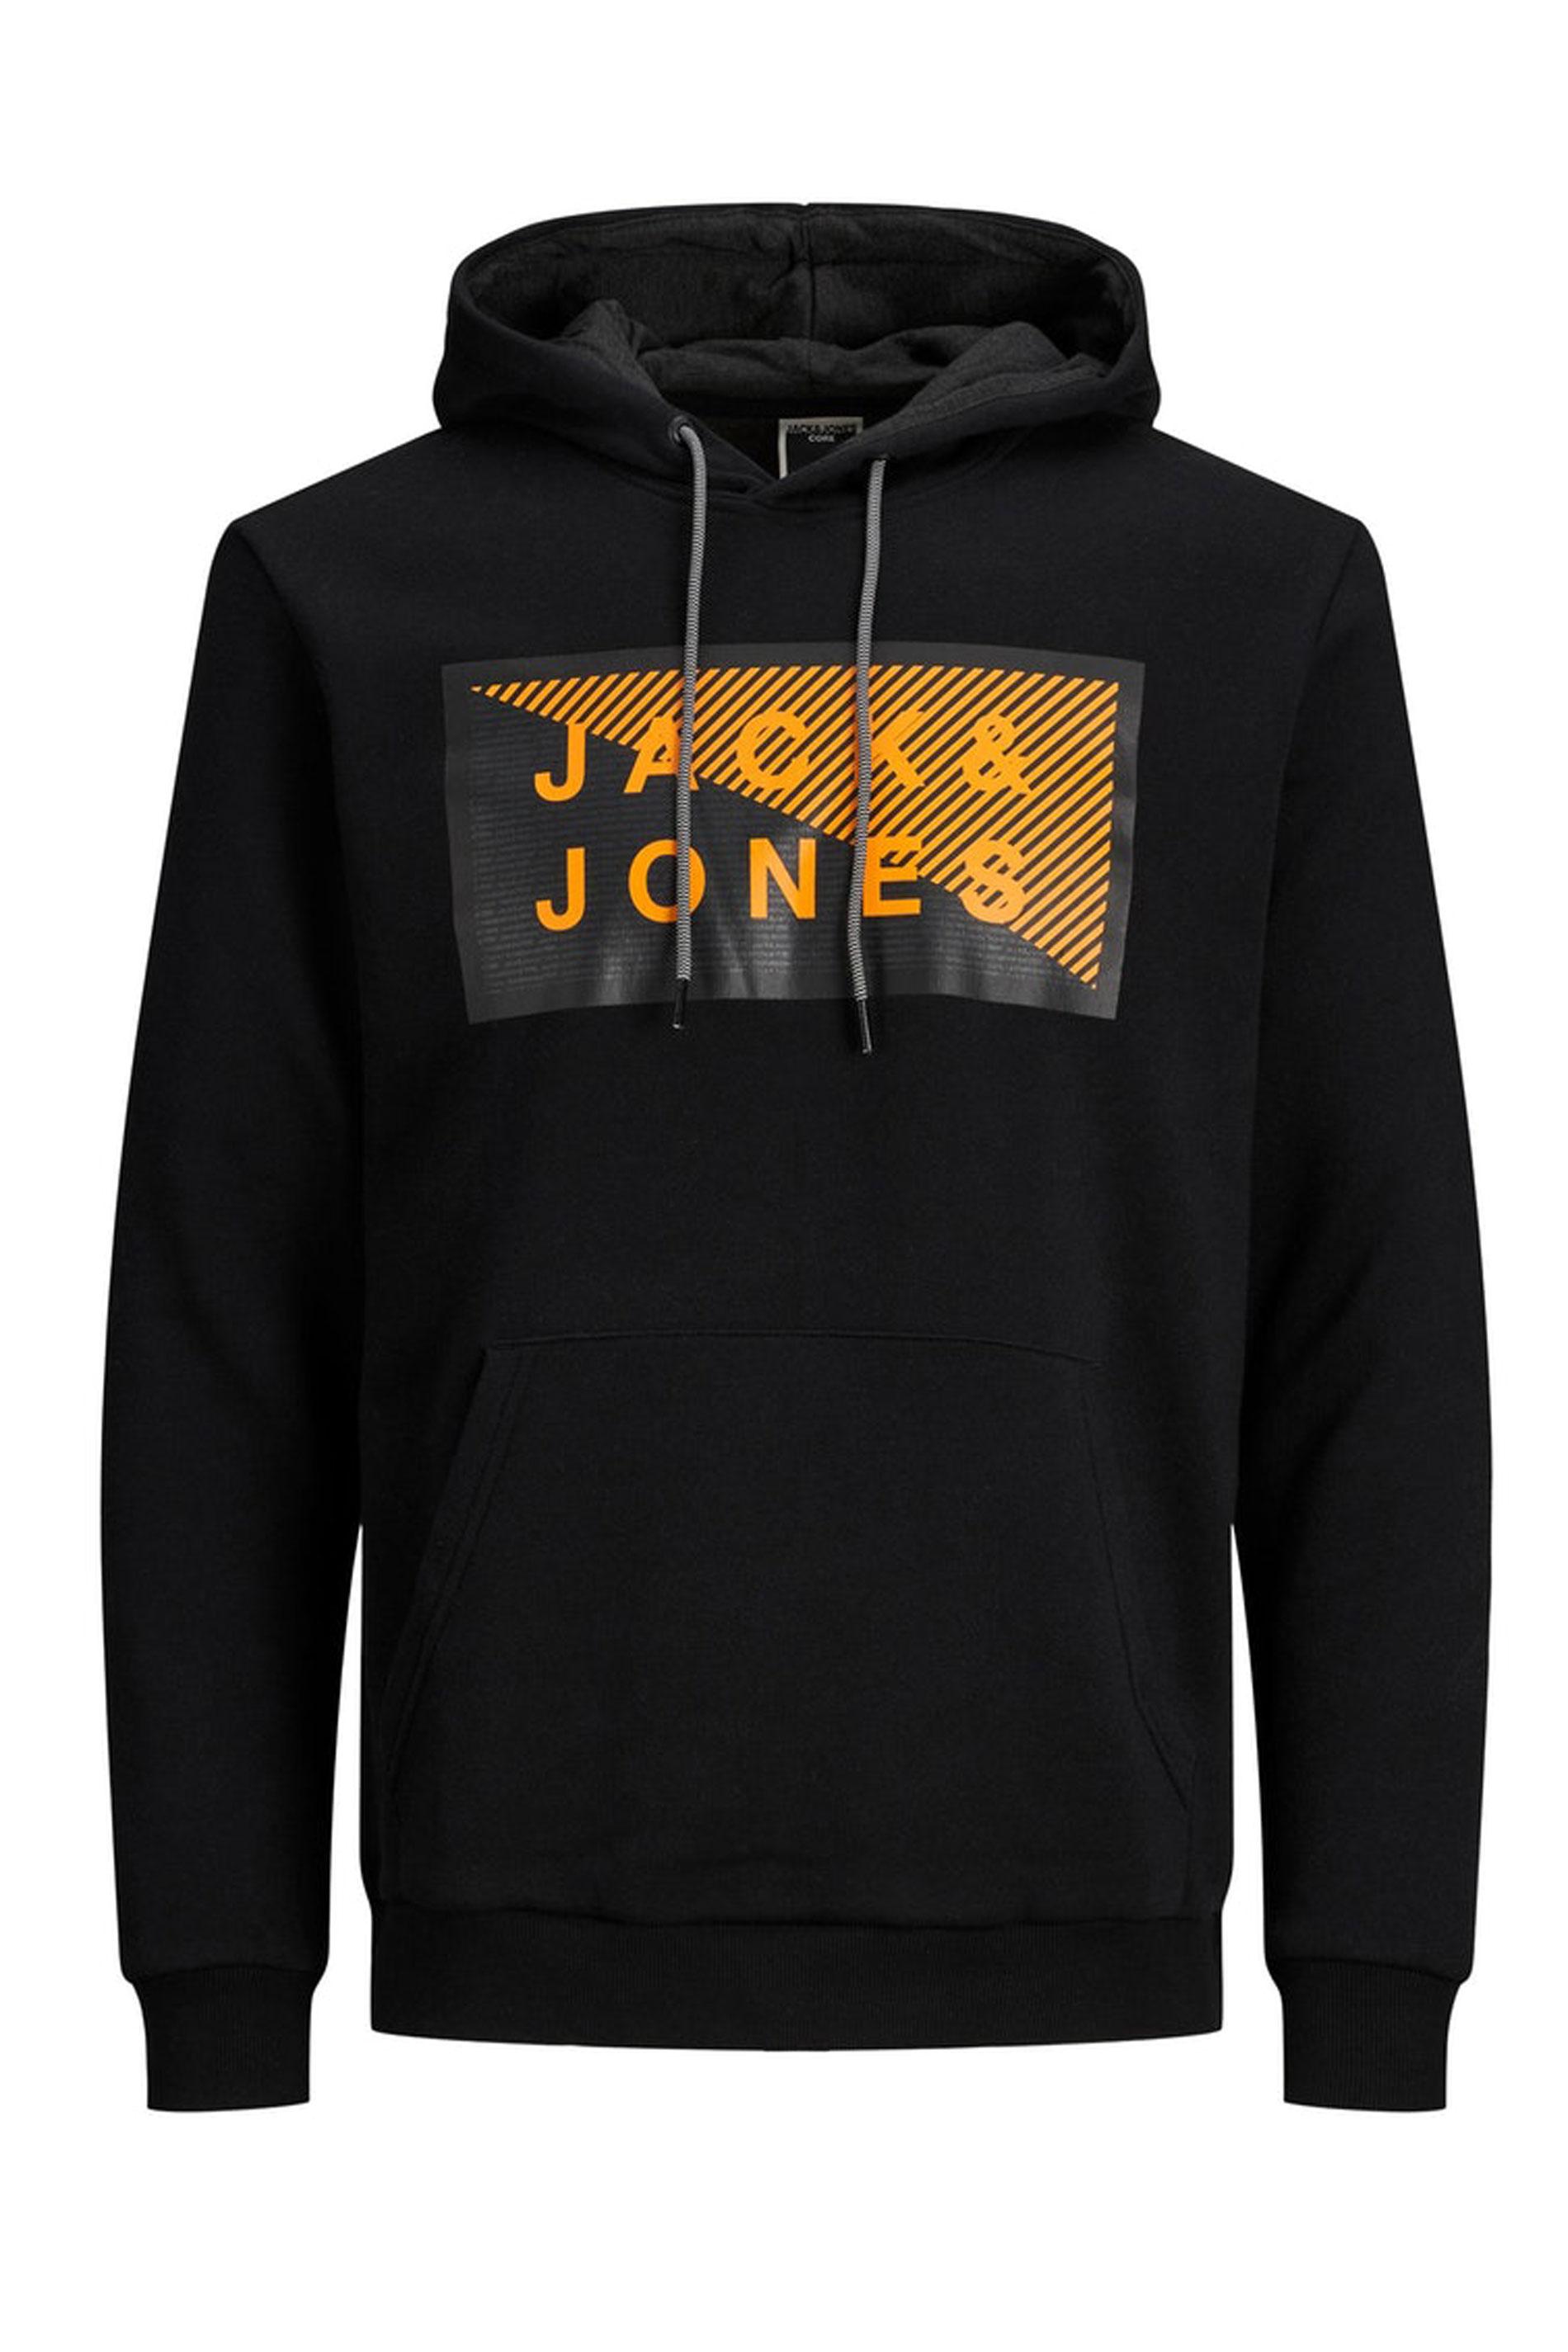 JACK & JONES Black Printed Logo Shawn Hoodie_F.jpg